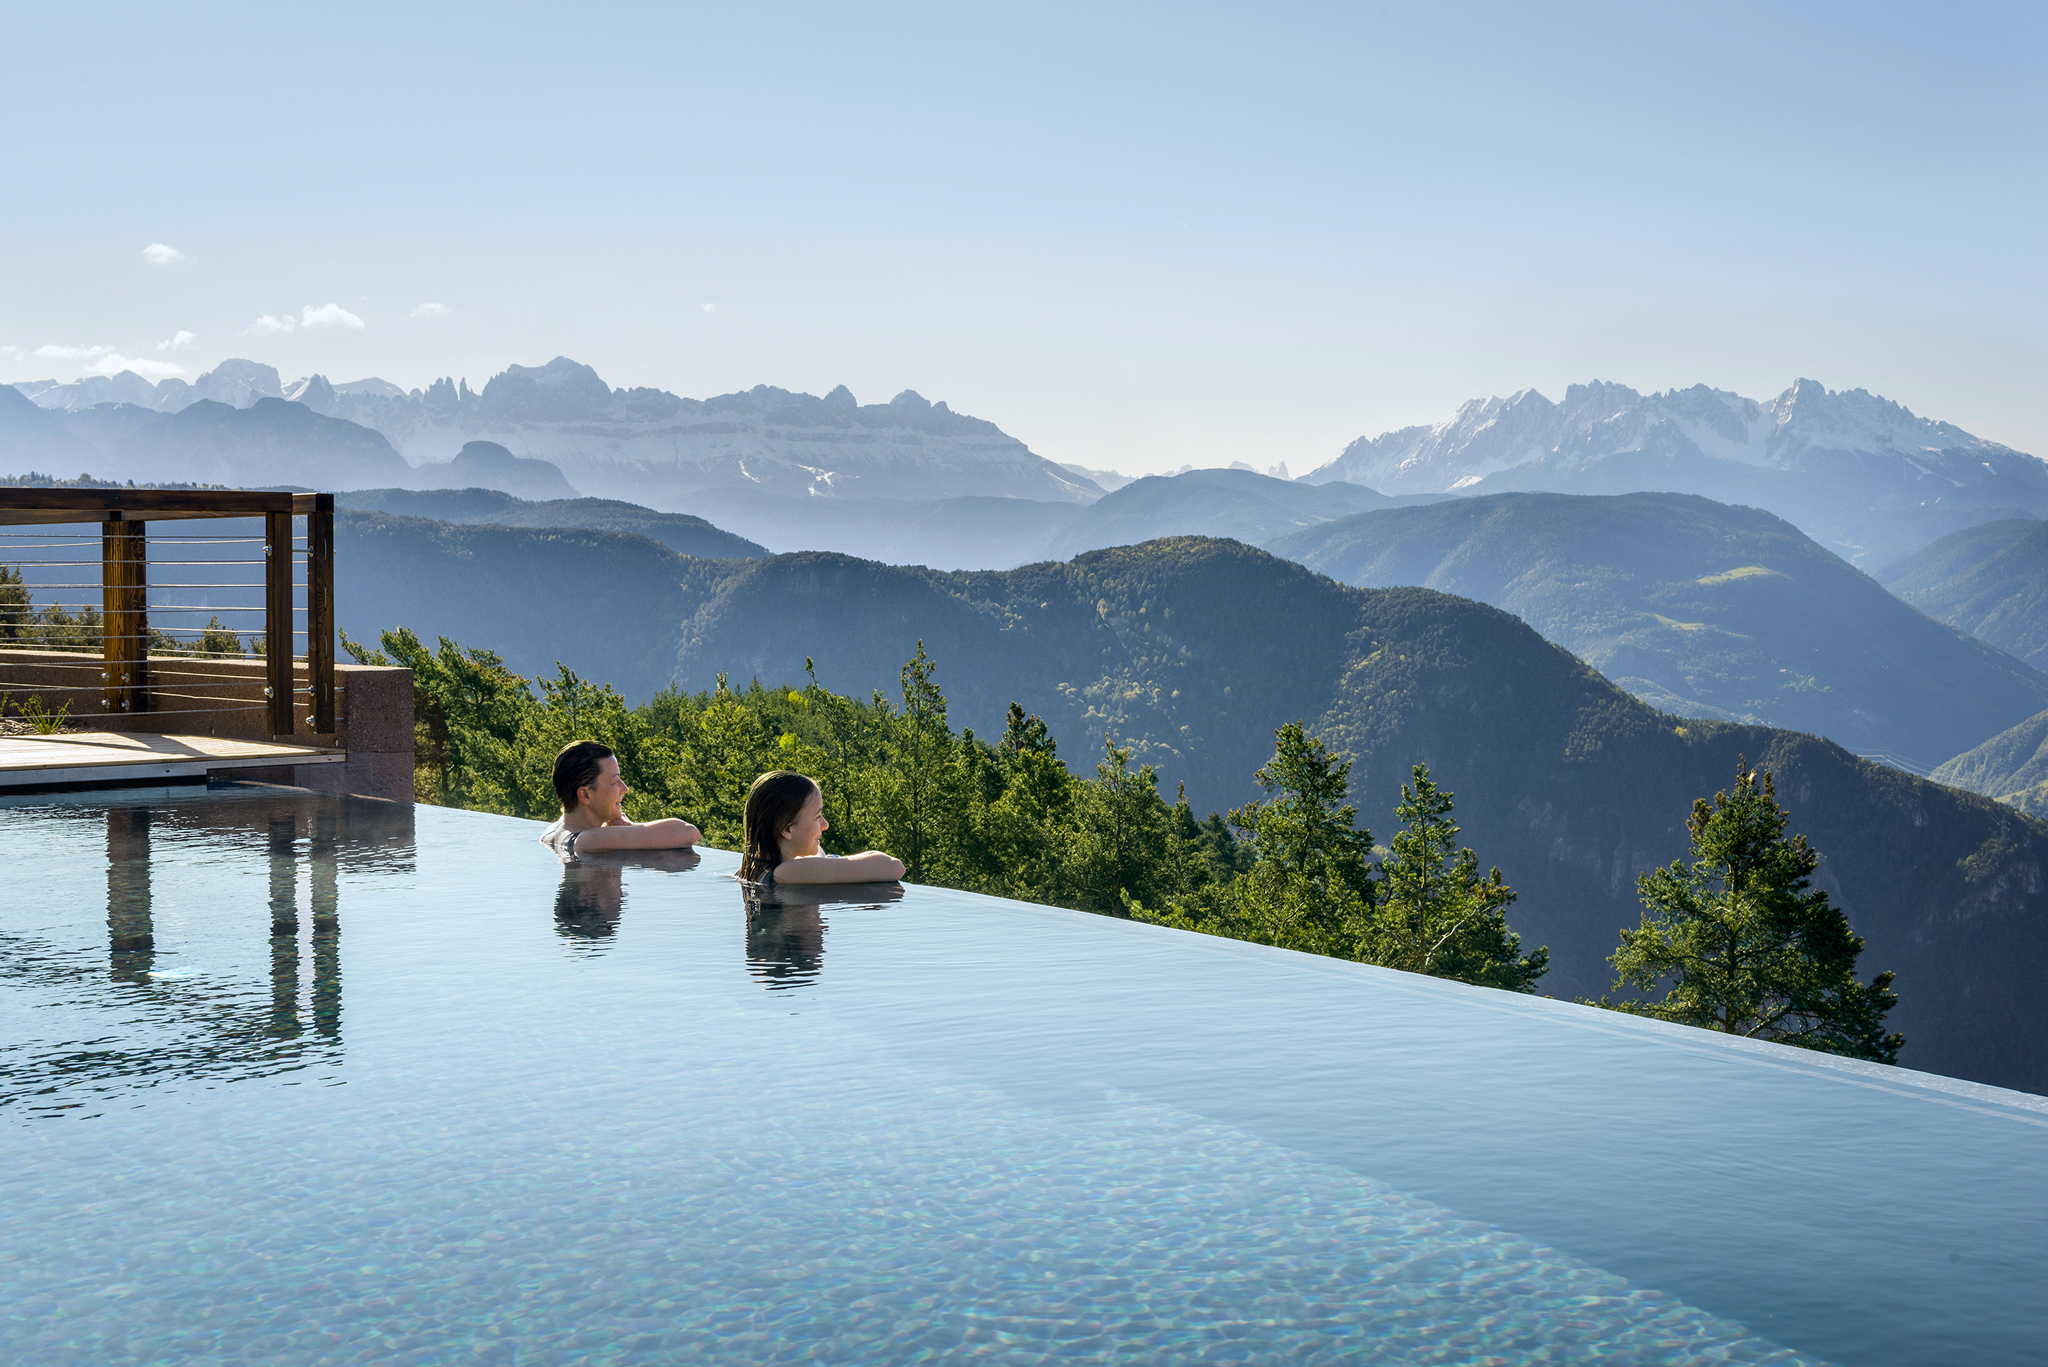 Aus dem kühlen Pool des WanderhotelsBelvedere hoch über Bozen schweifendie Blicke in die Skyline der SüdtirolerDolomiten zu Rosengarten und Latemar.© Hotel Belvedere, Jenesien